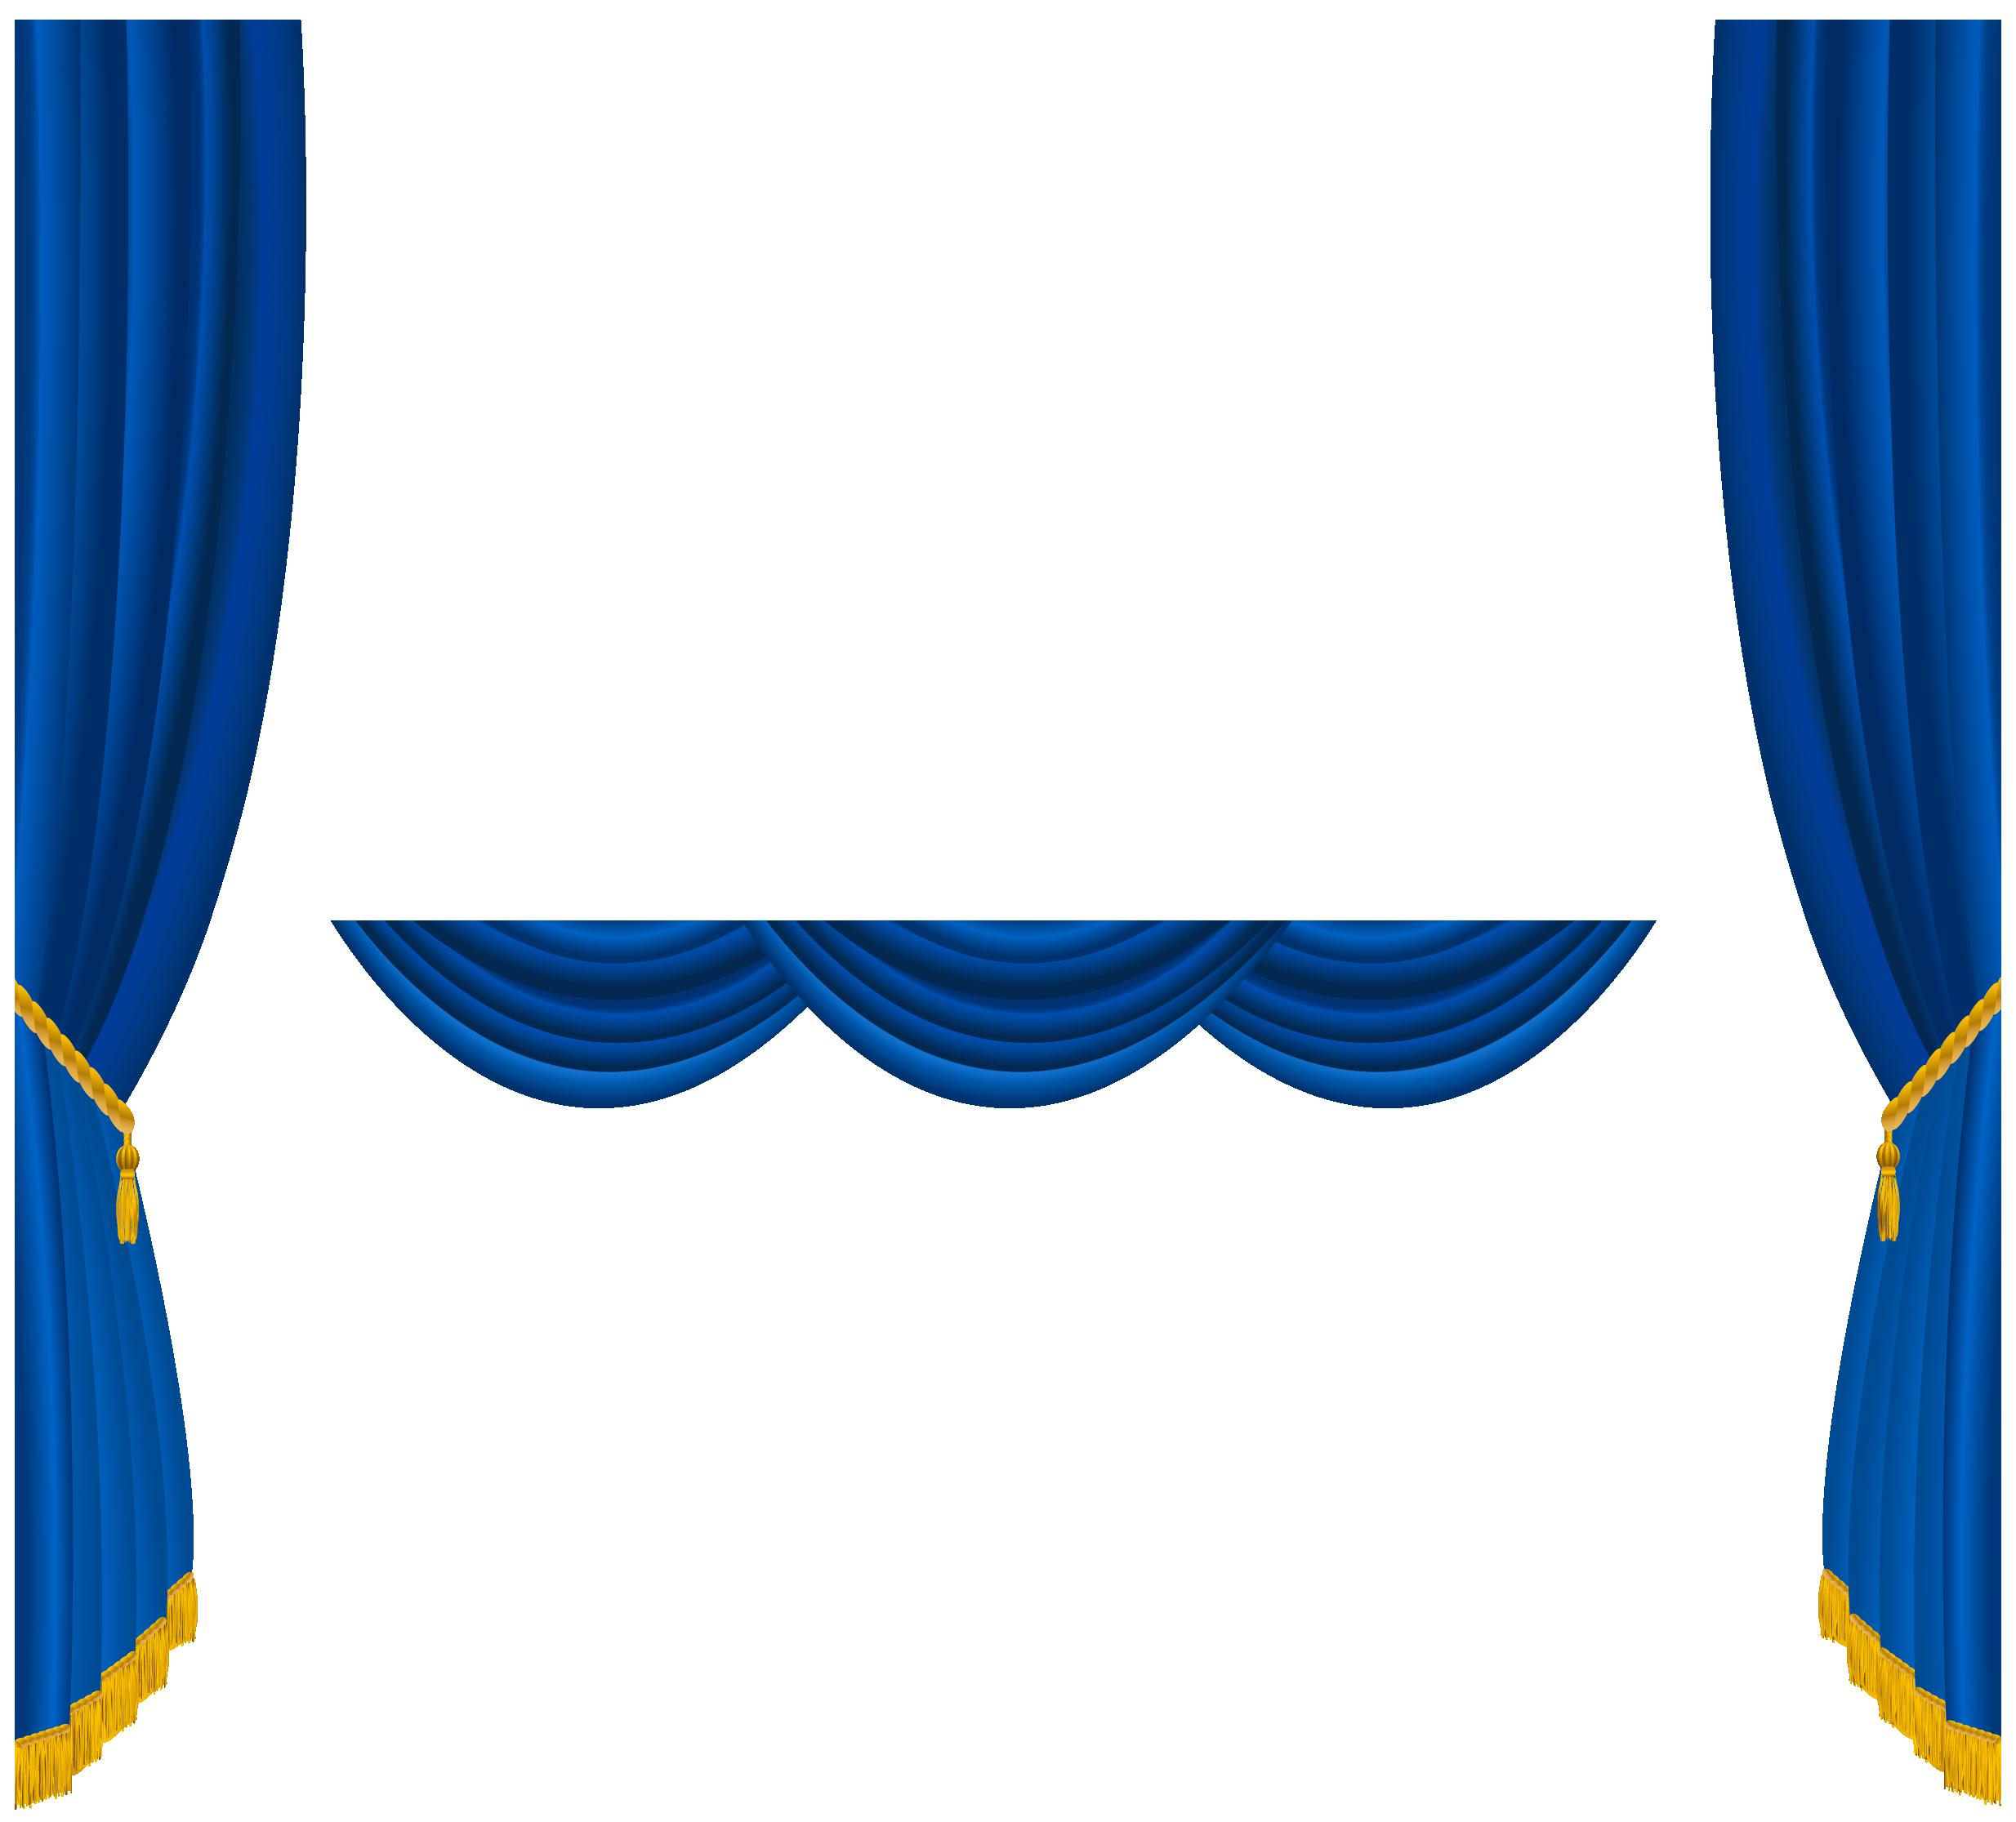 Theatre clipart border. Transparent blue curtains decoration